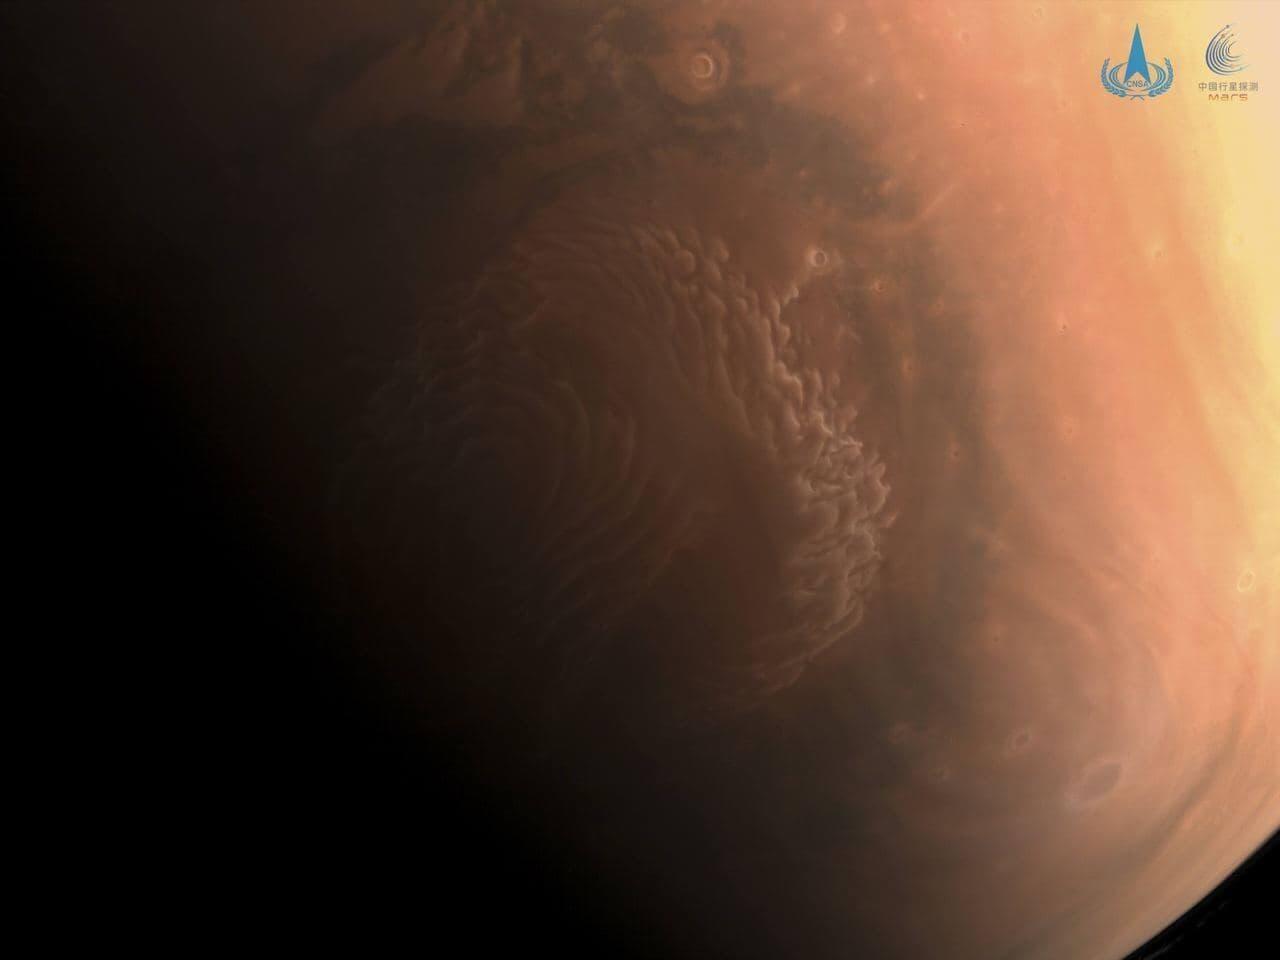 Китайский зонд прислал на Землю новые снимки Марса